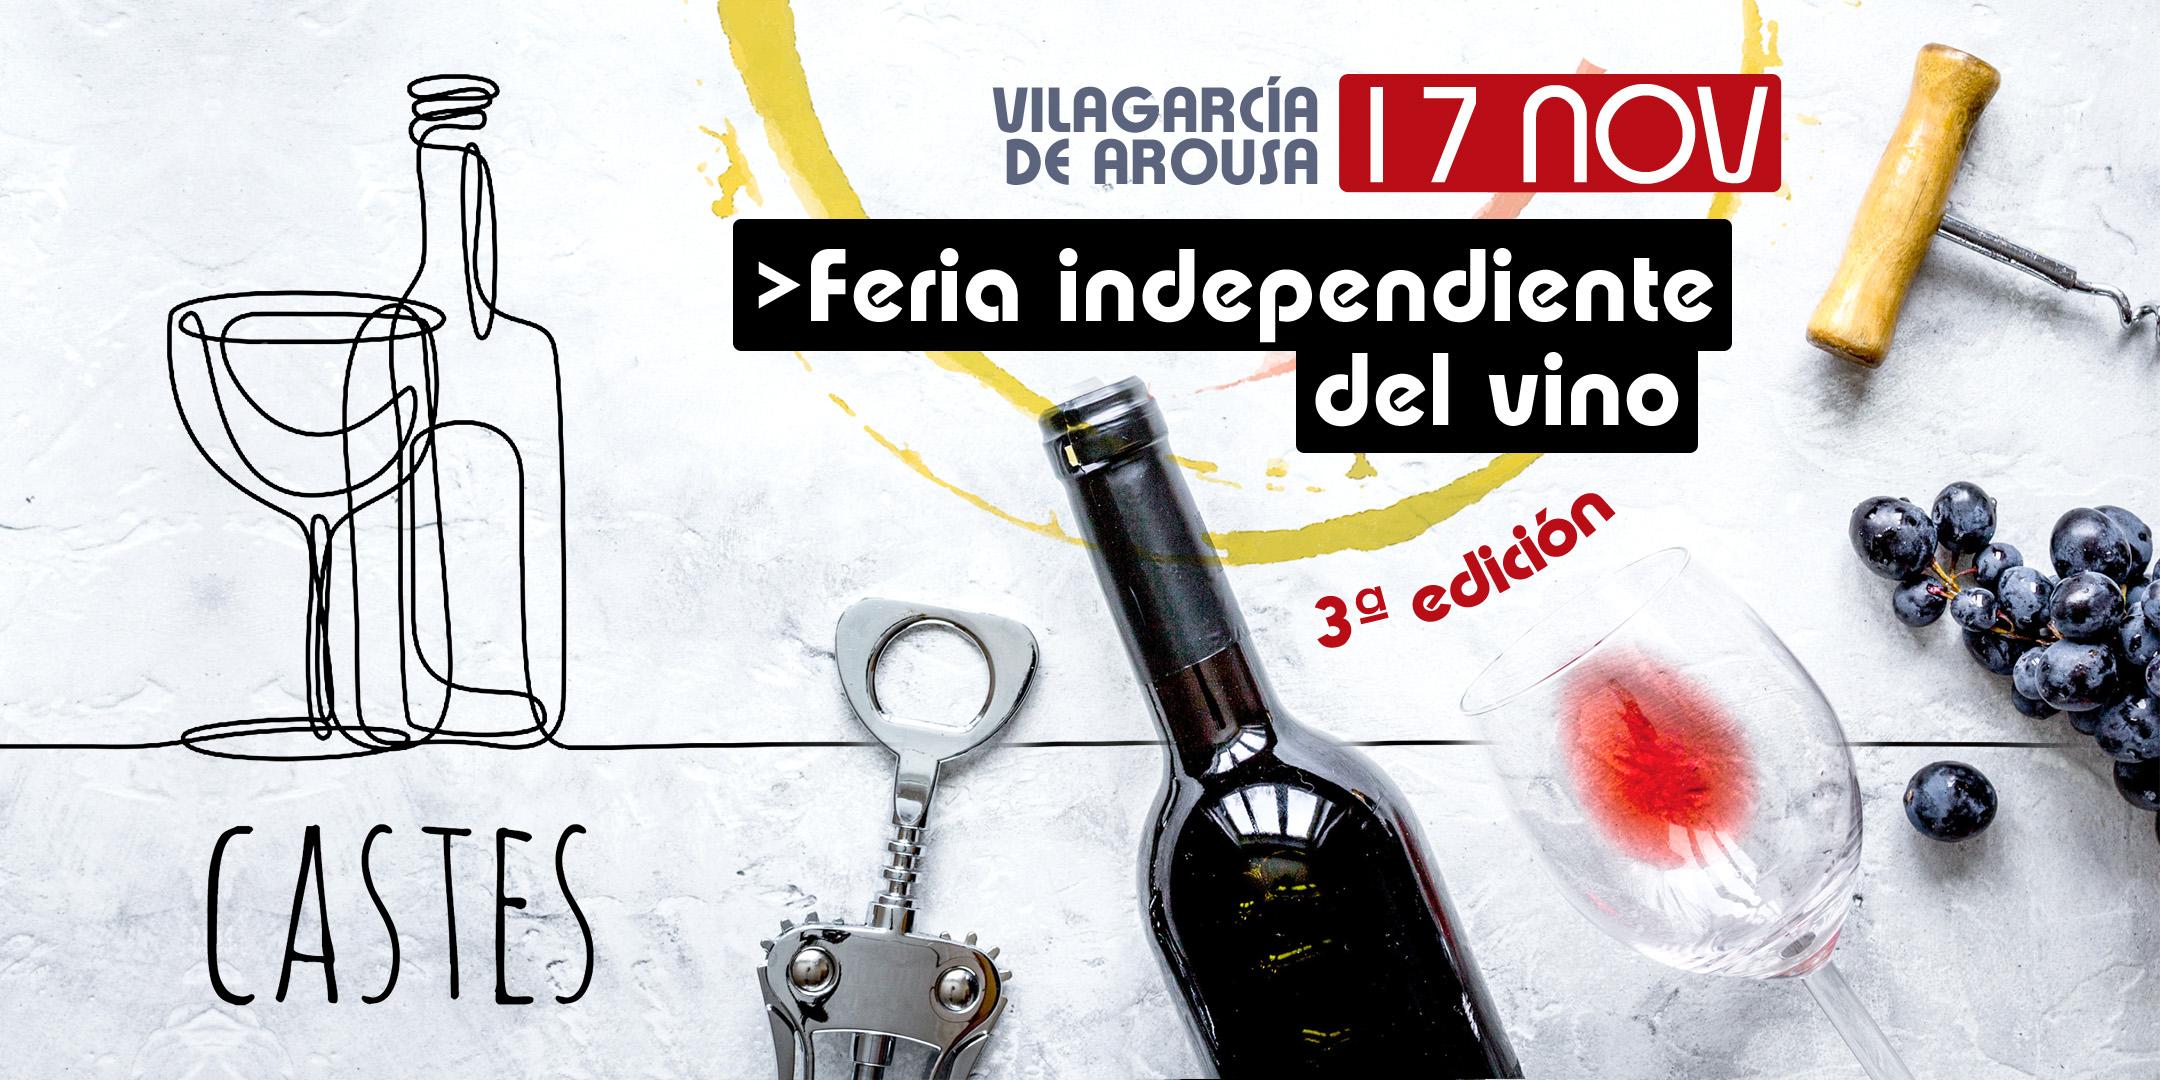 castes vilagarcia 3ª edicion ferial del vino